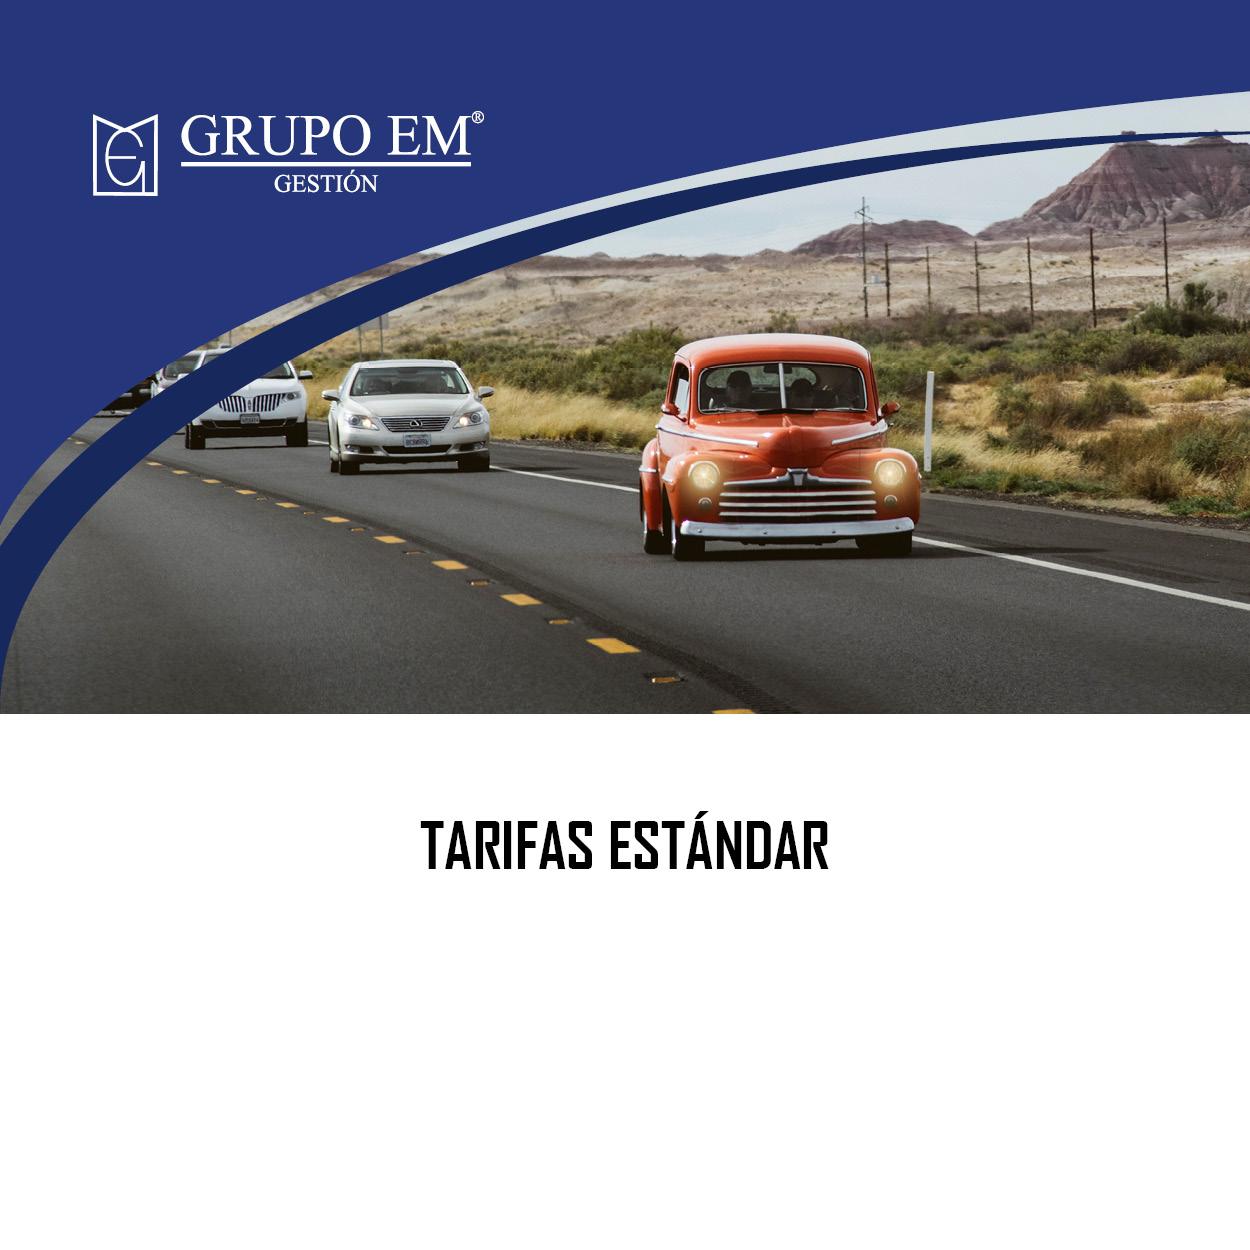 tarifas_diapo_estandar_trafico